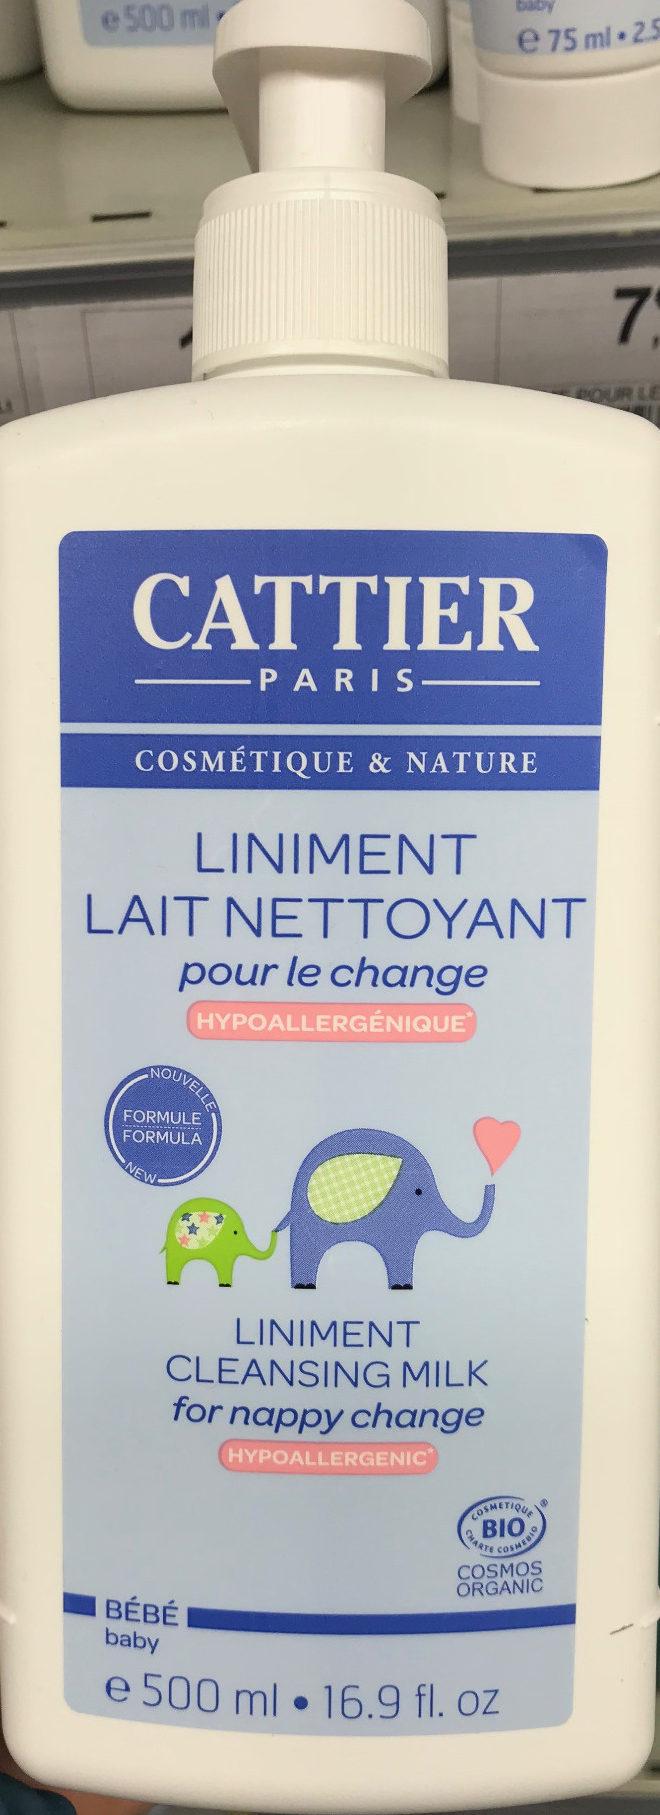 Liniment lait nettoyant - Product - fr